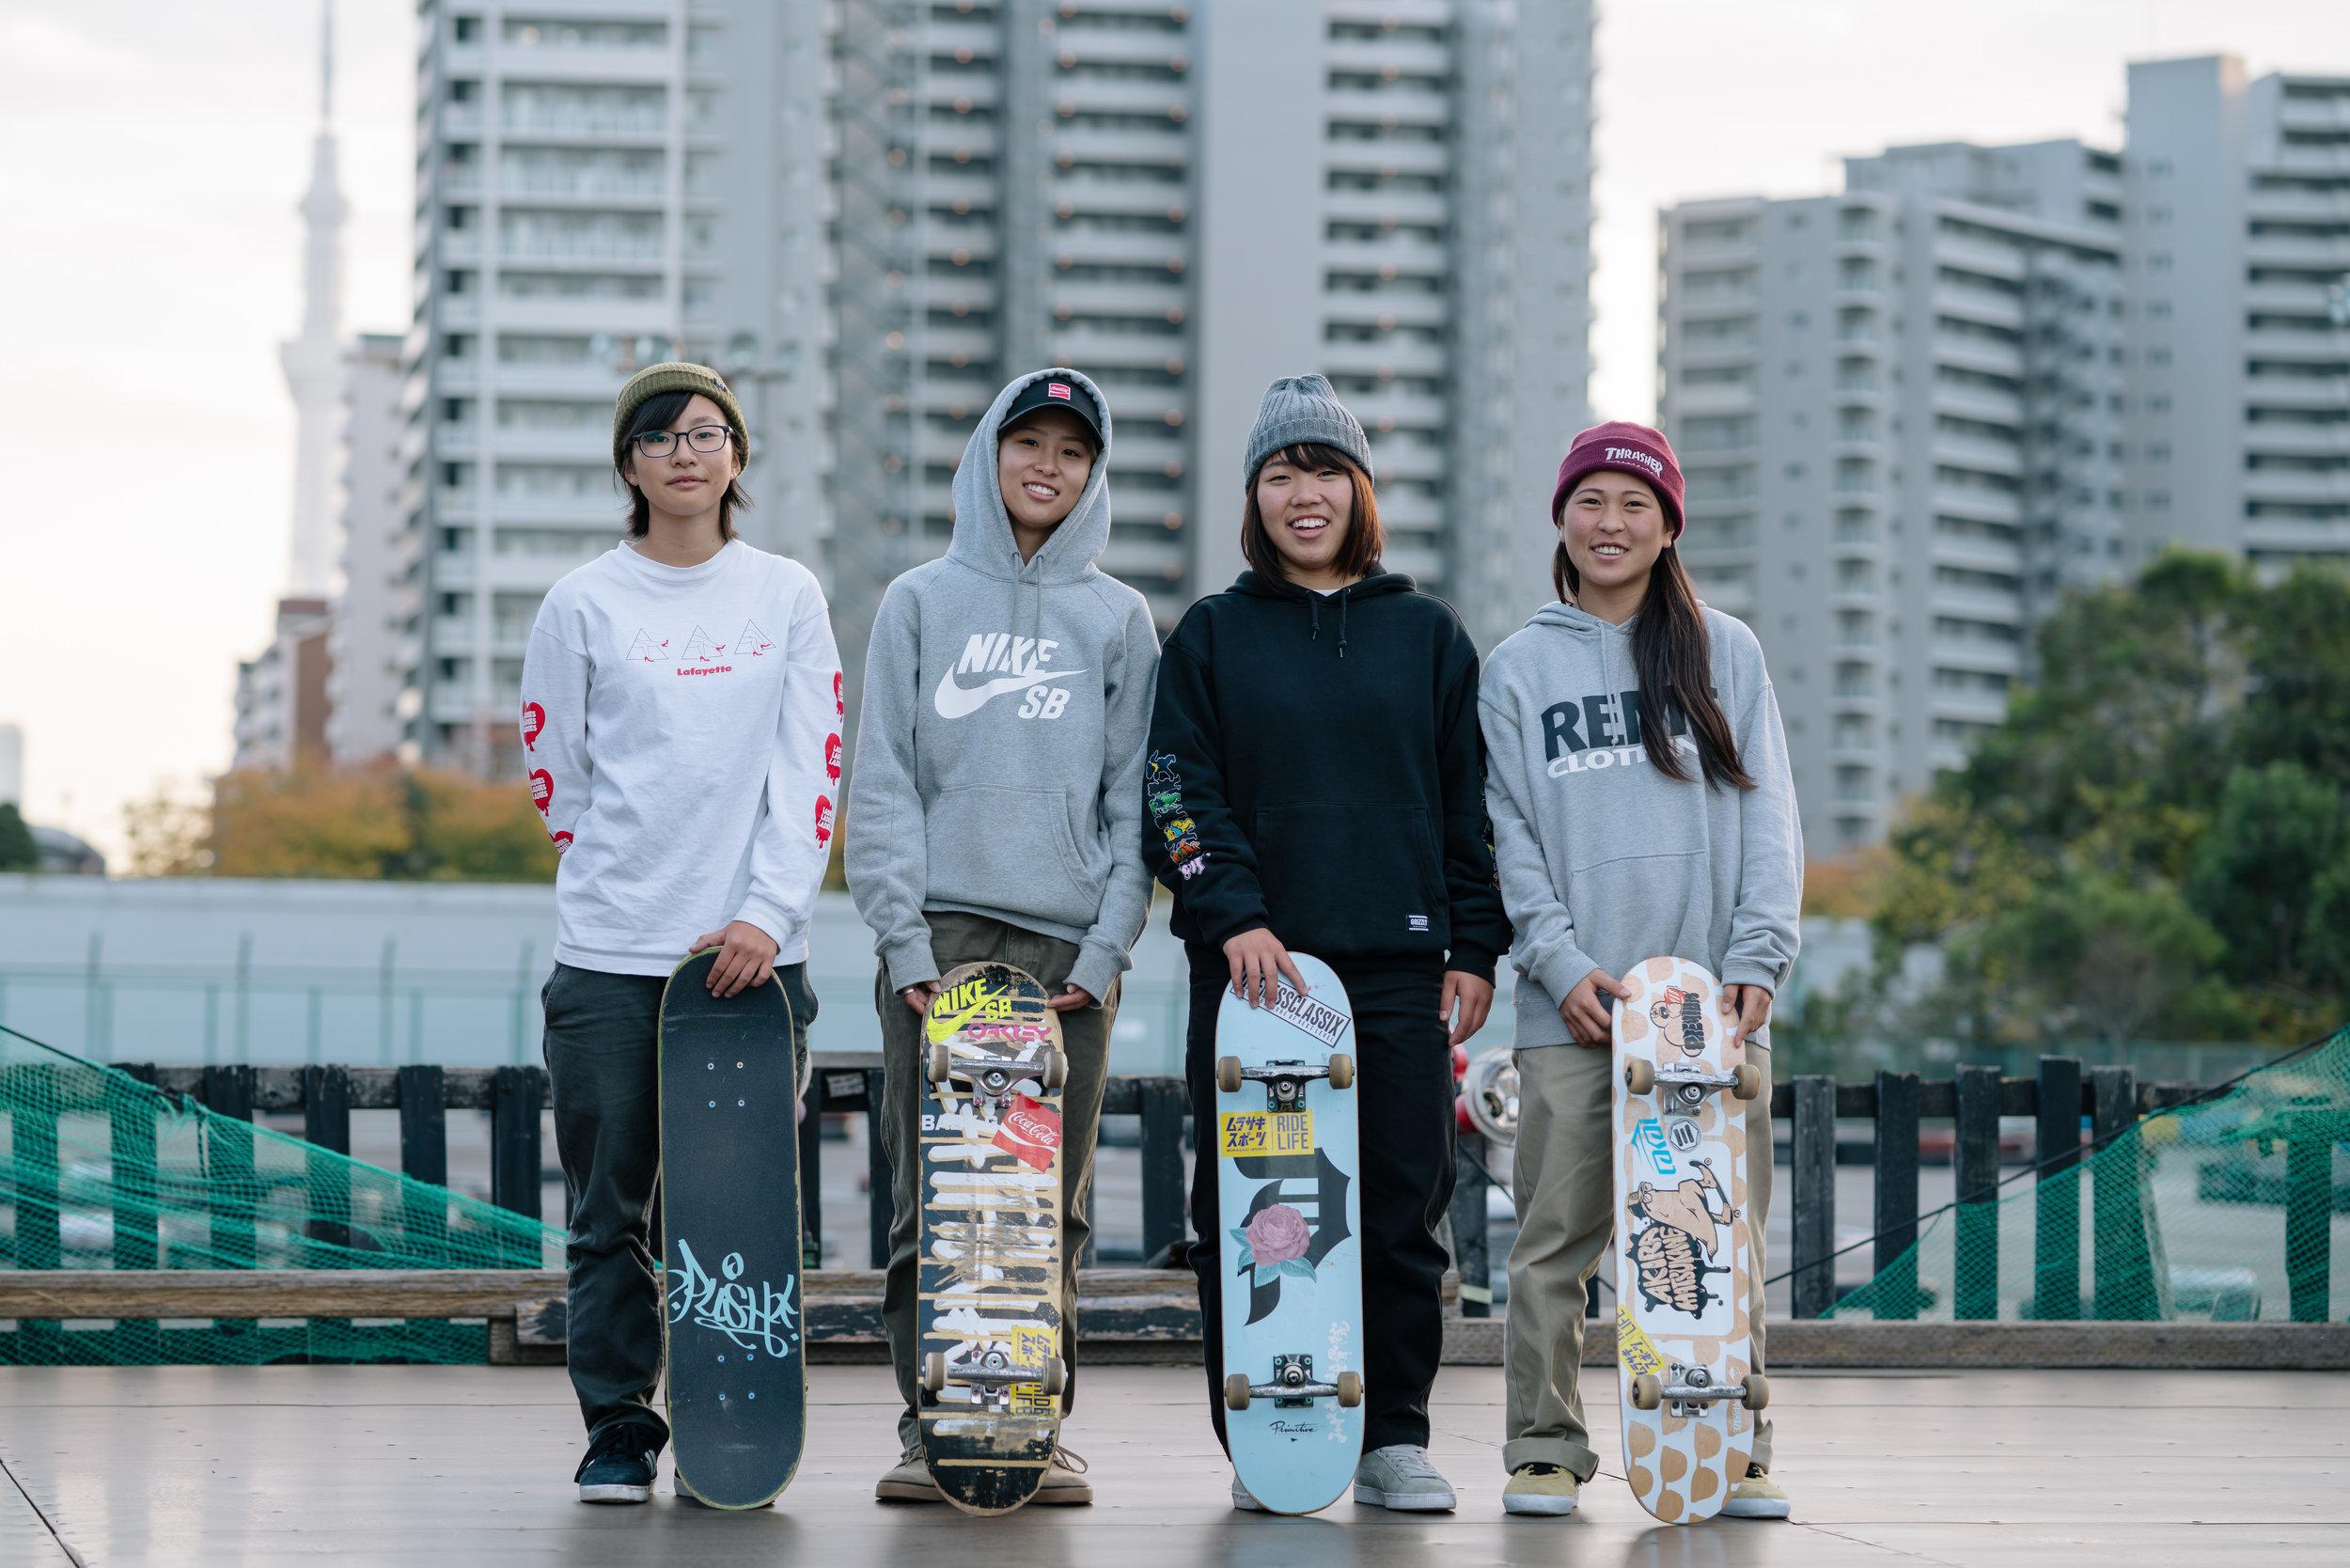 Skate Exchange2_Japan 2018_hannah bailey000000030.jpg